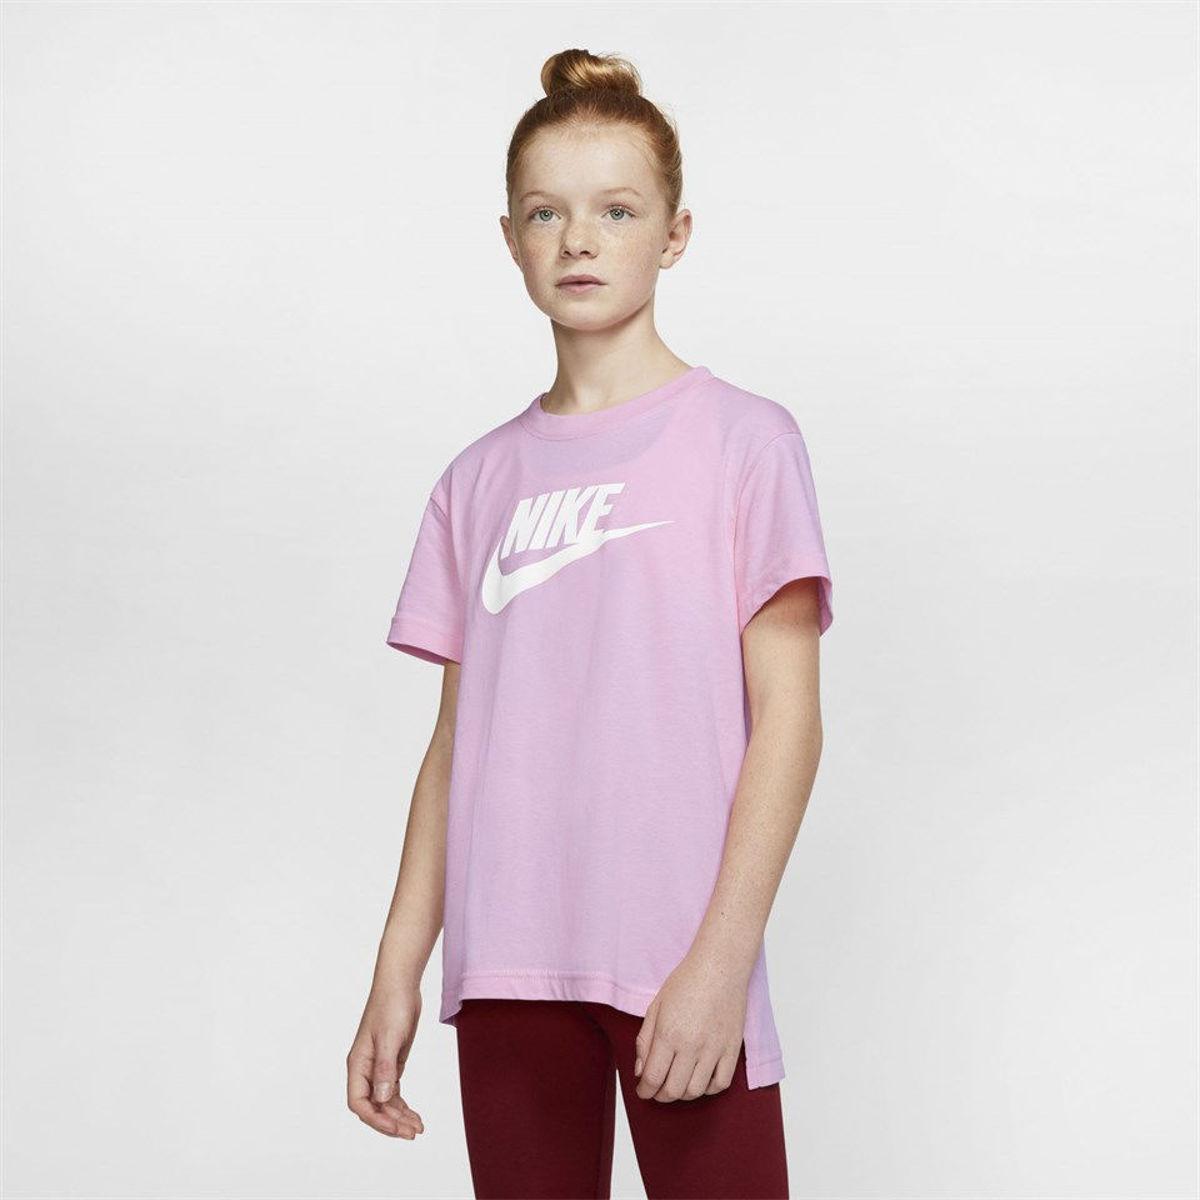 Bilde av Nike jr girls tee basic futura AR5088-676